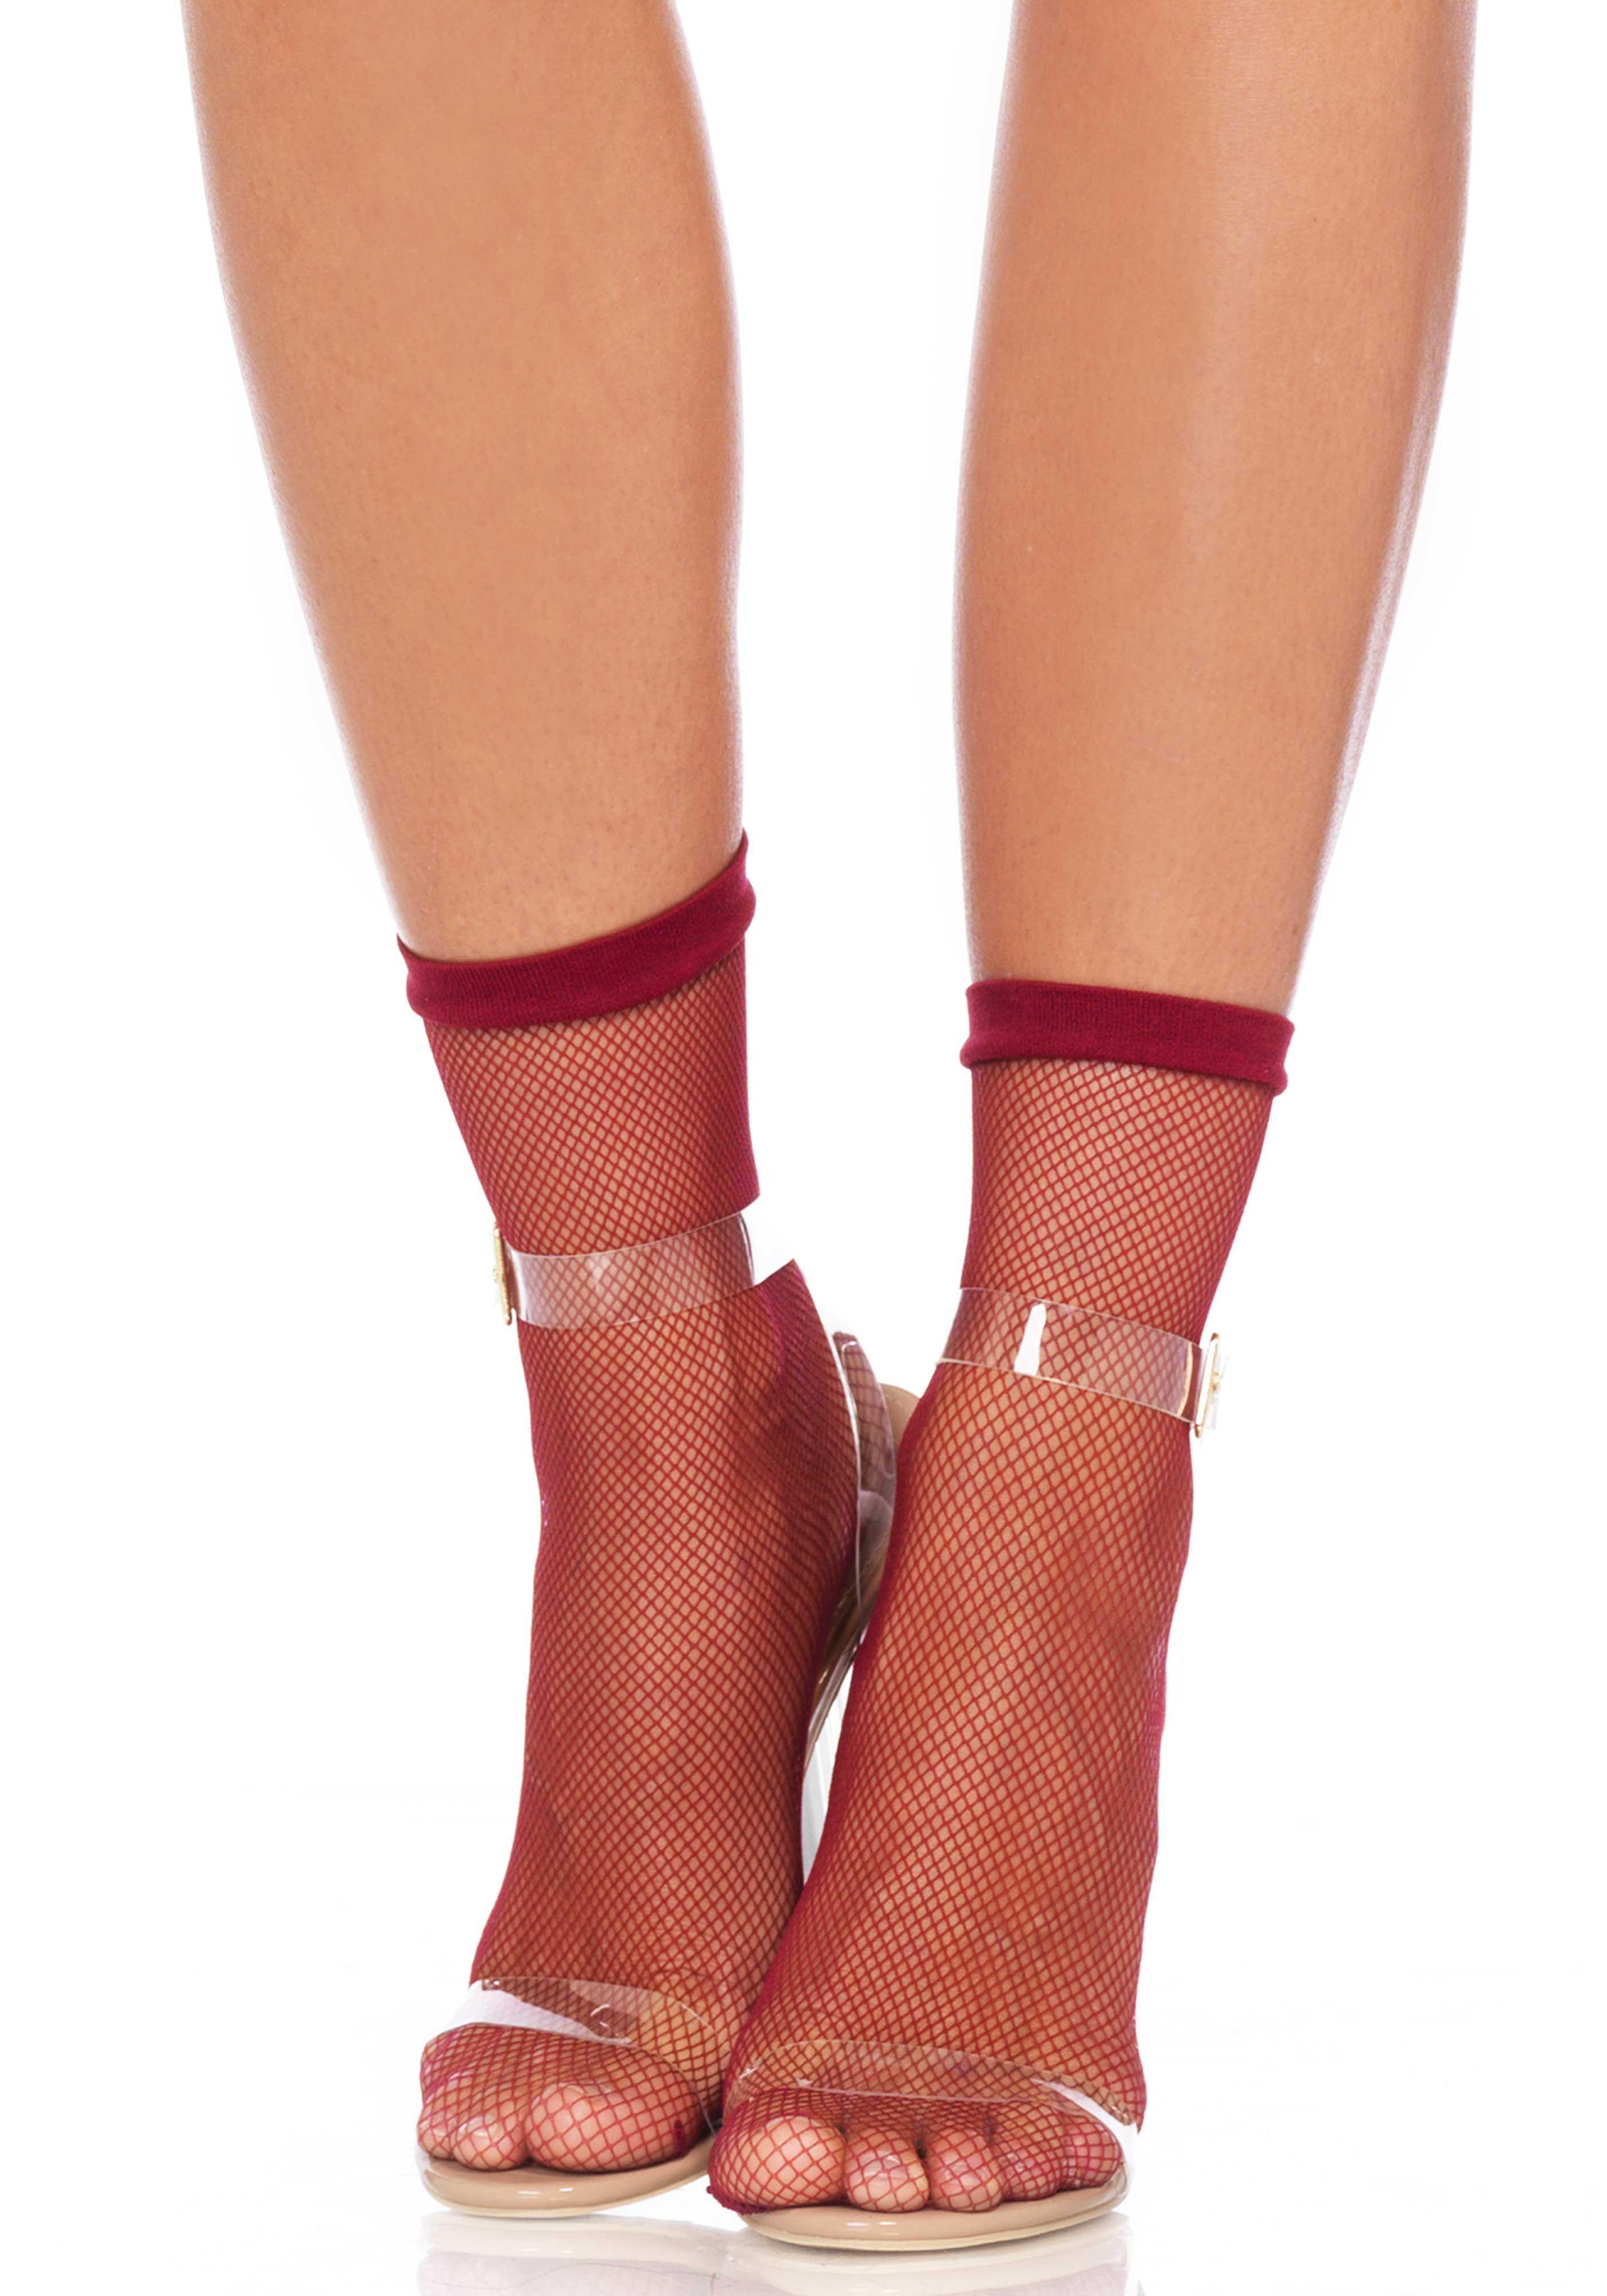 fe4e5c901 Calcetines cortos Leg Avenue de fina redecilla transparente y elásticos